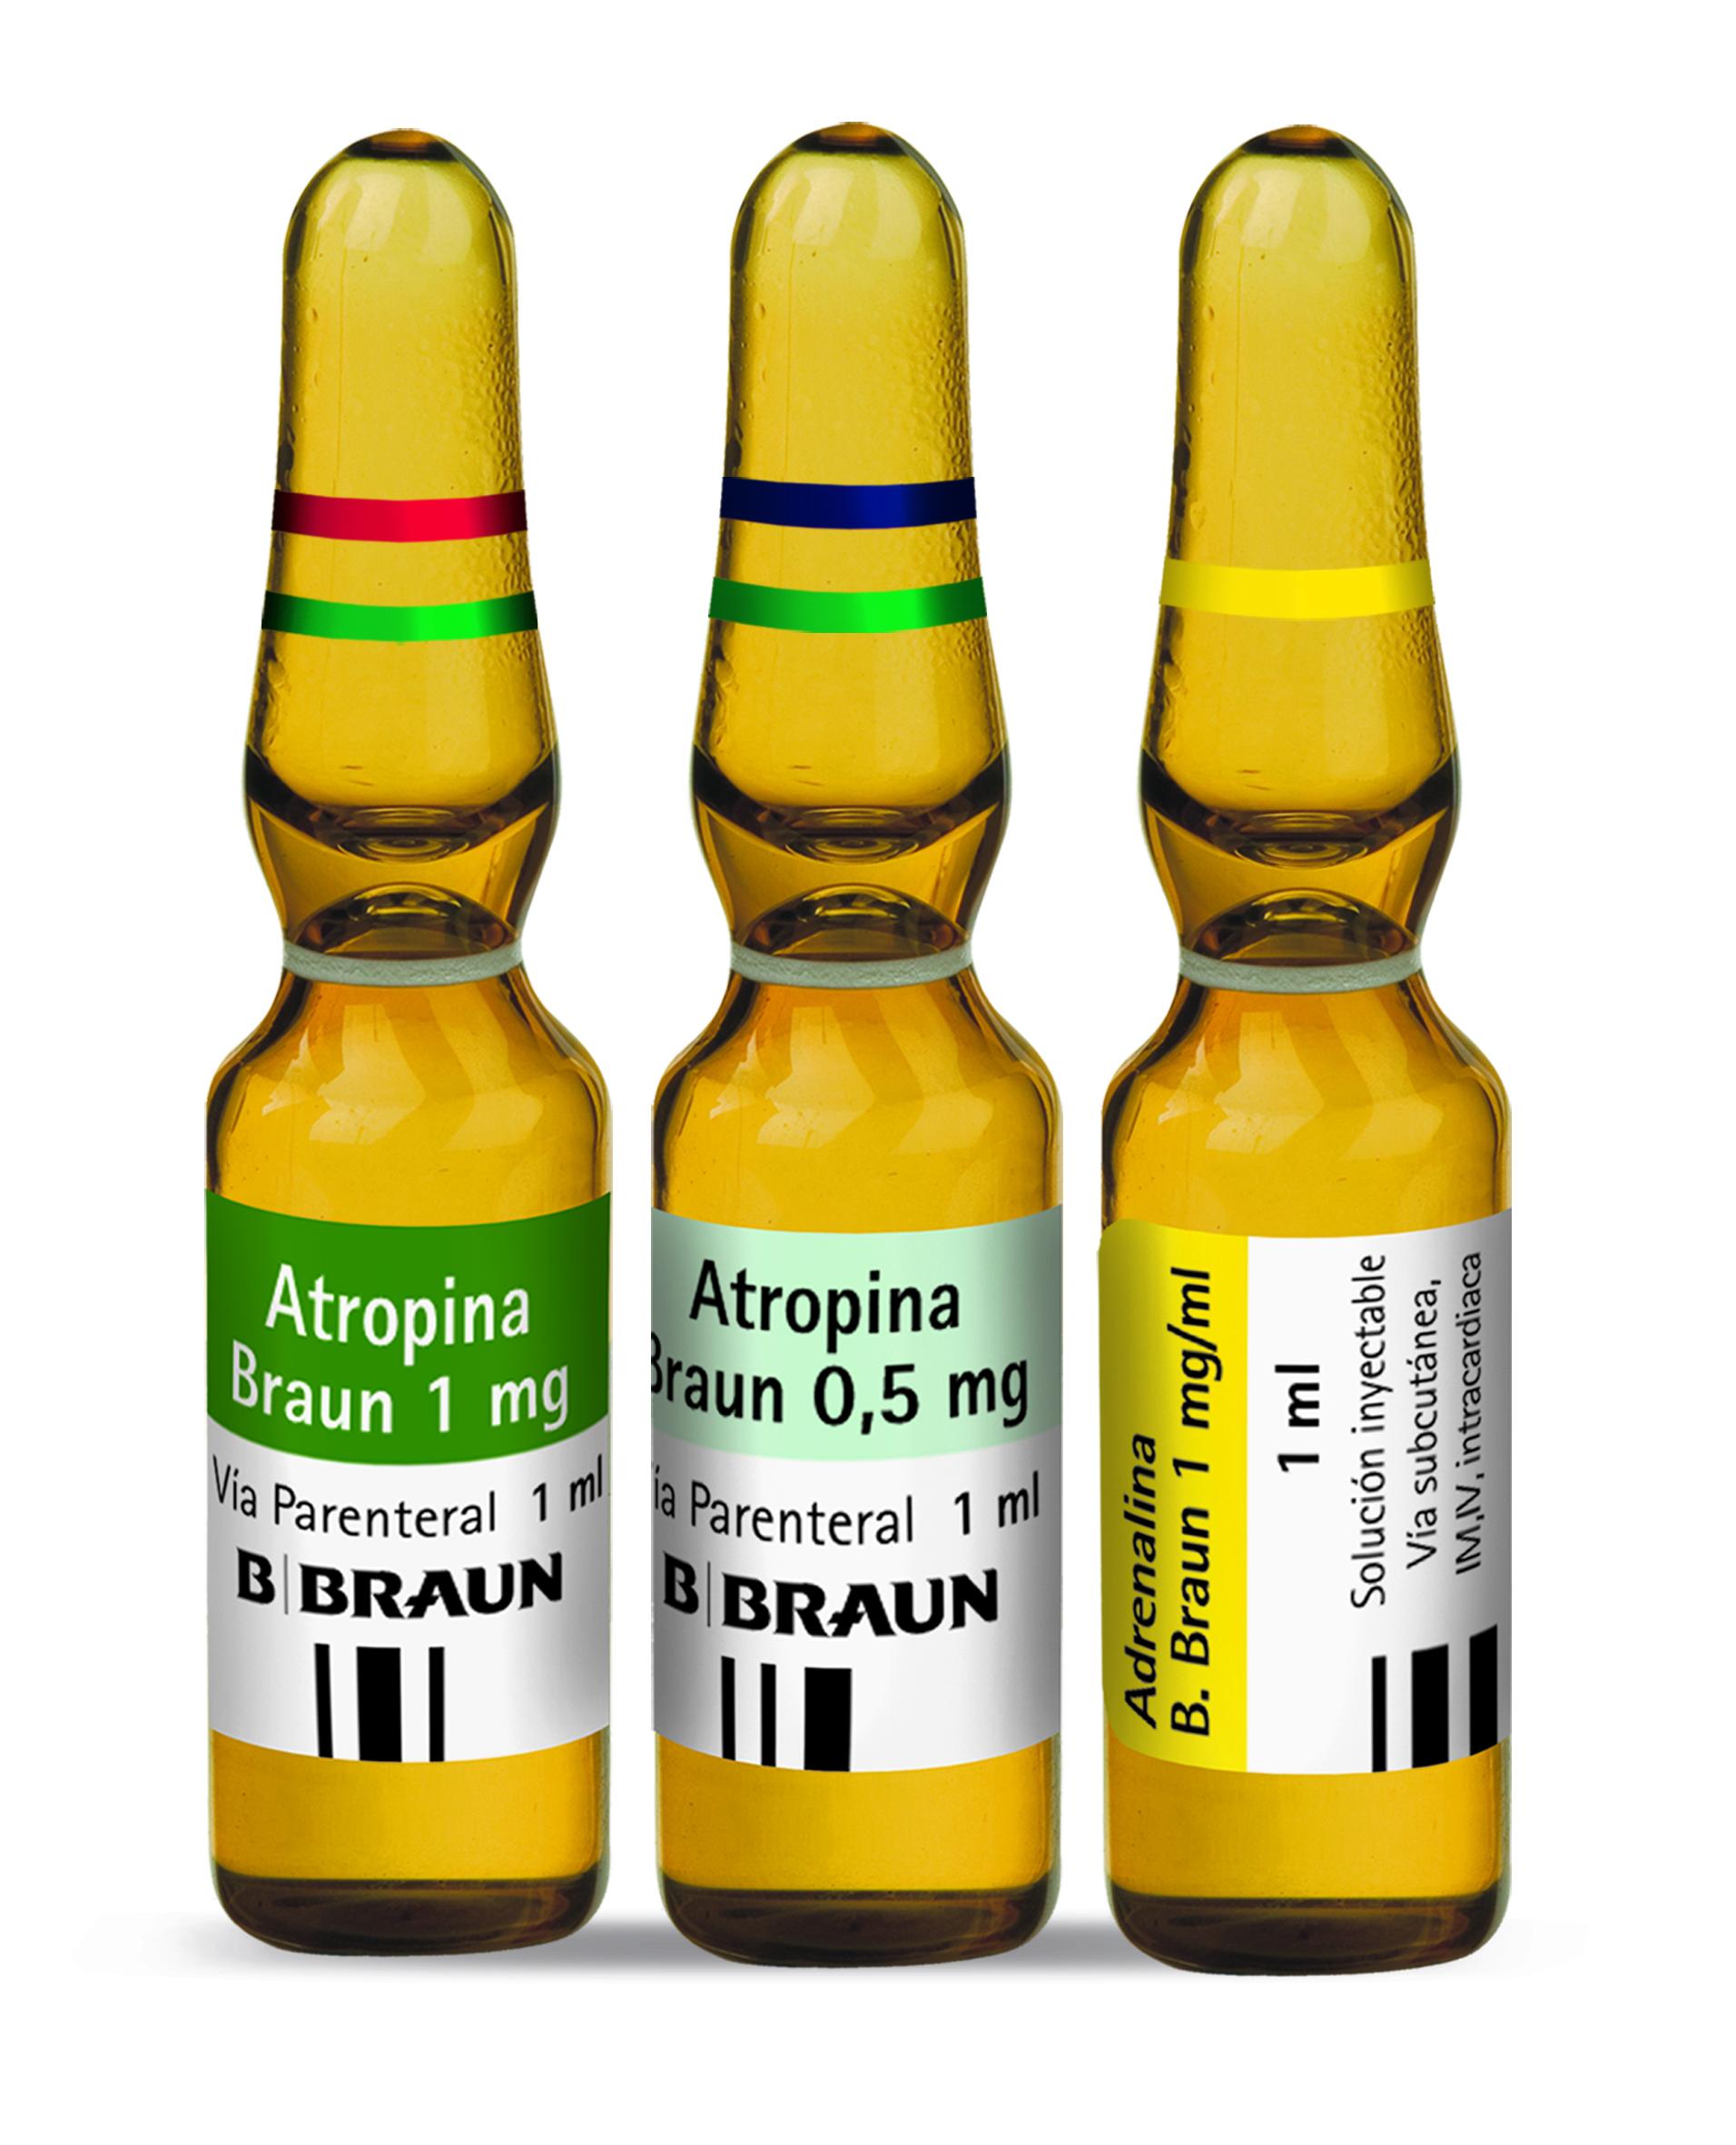 Se mejora el etiquetado de adrenalina y atropina